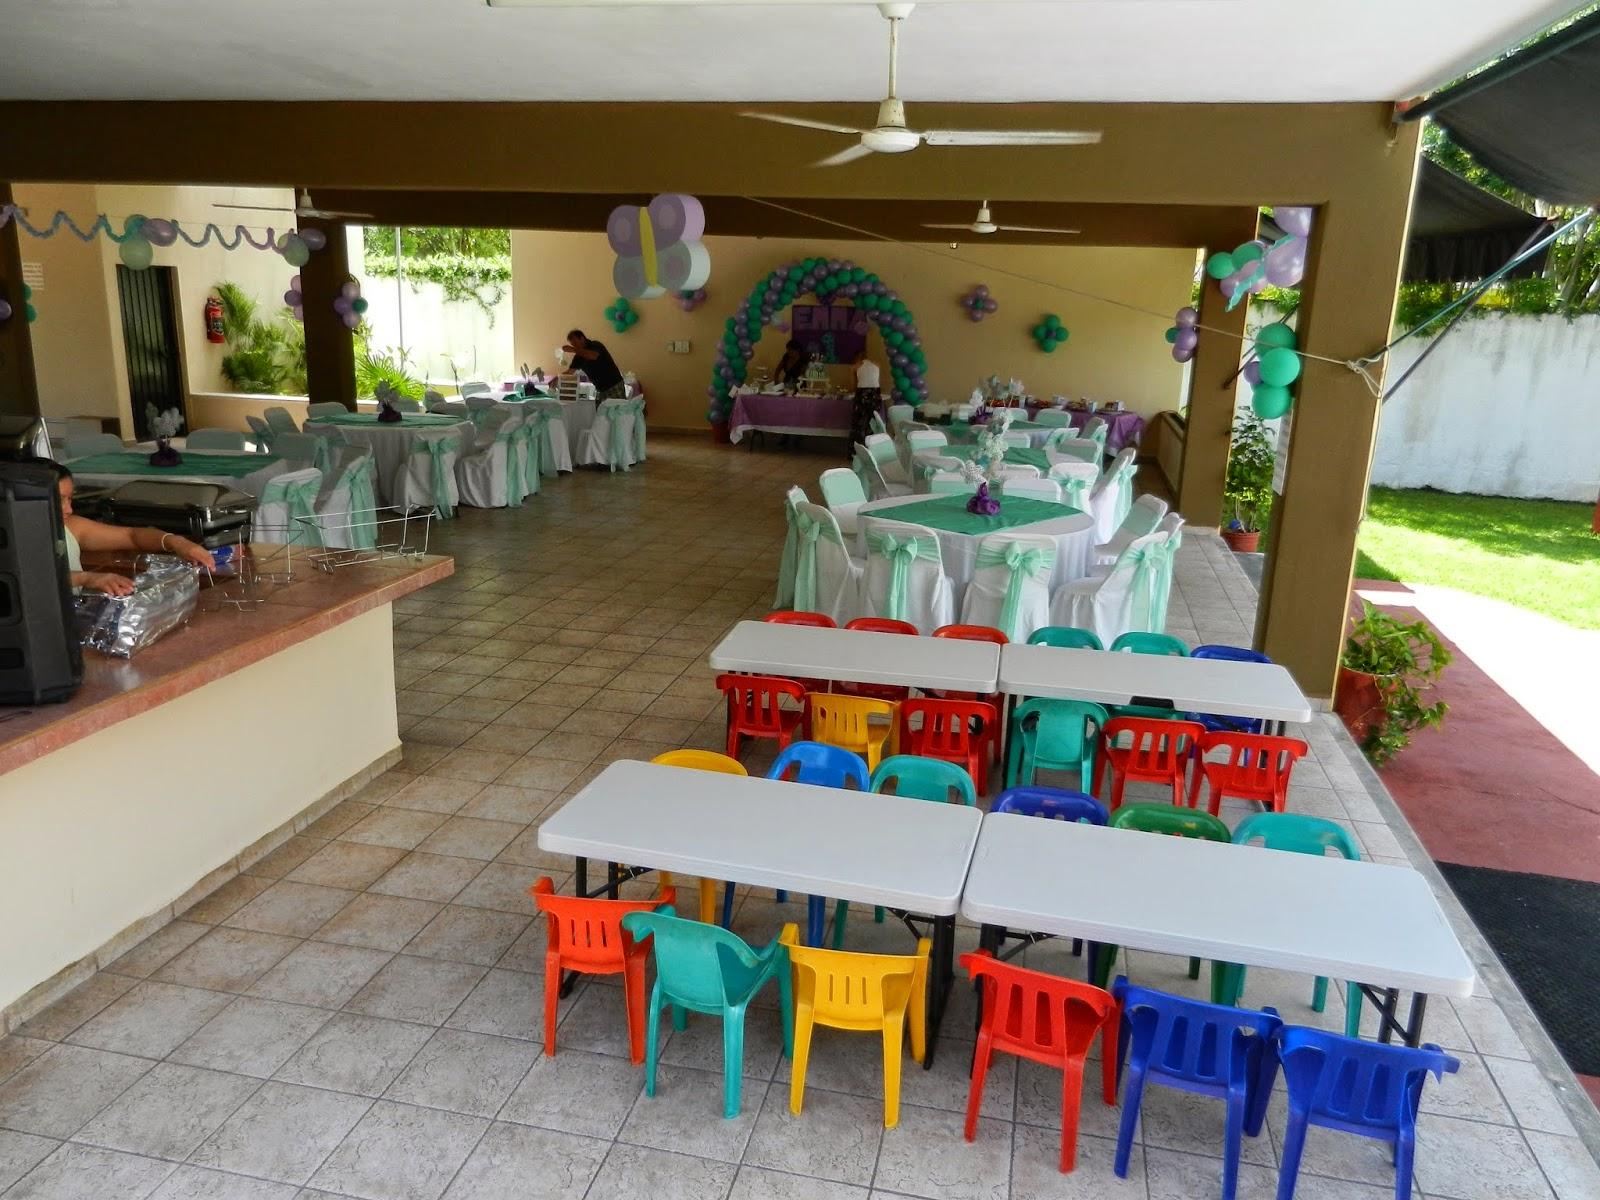 B chame el mejor sal n de fiestas en canc n 15 descuento for Decoracion en cancun